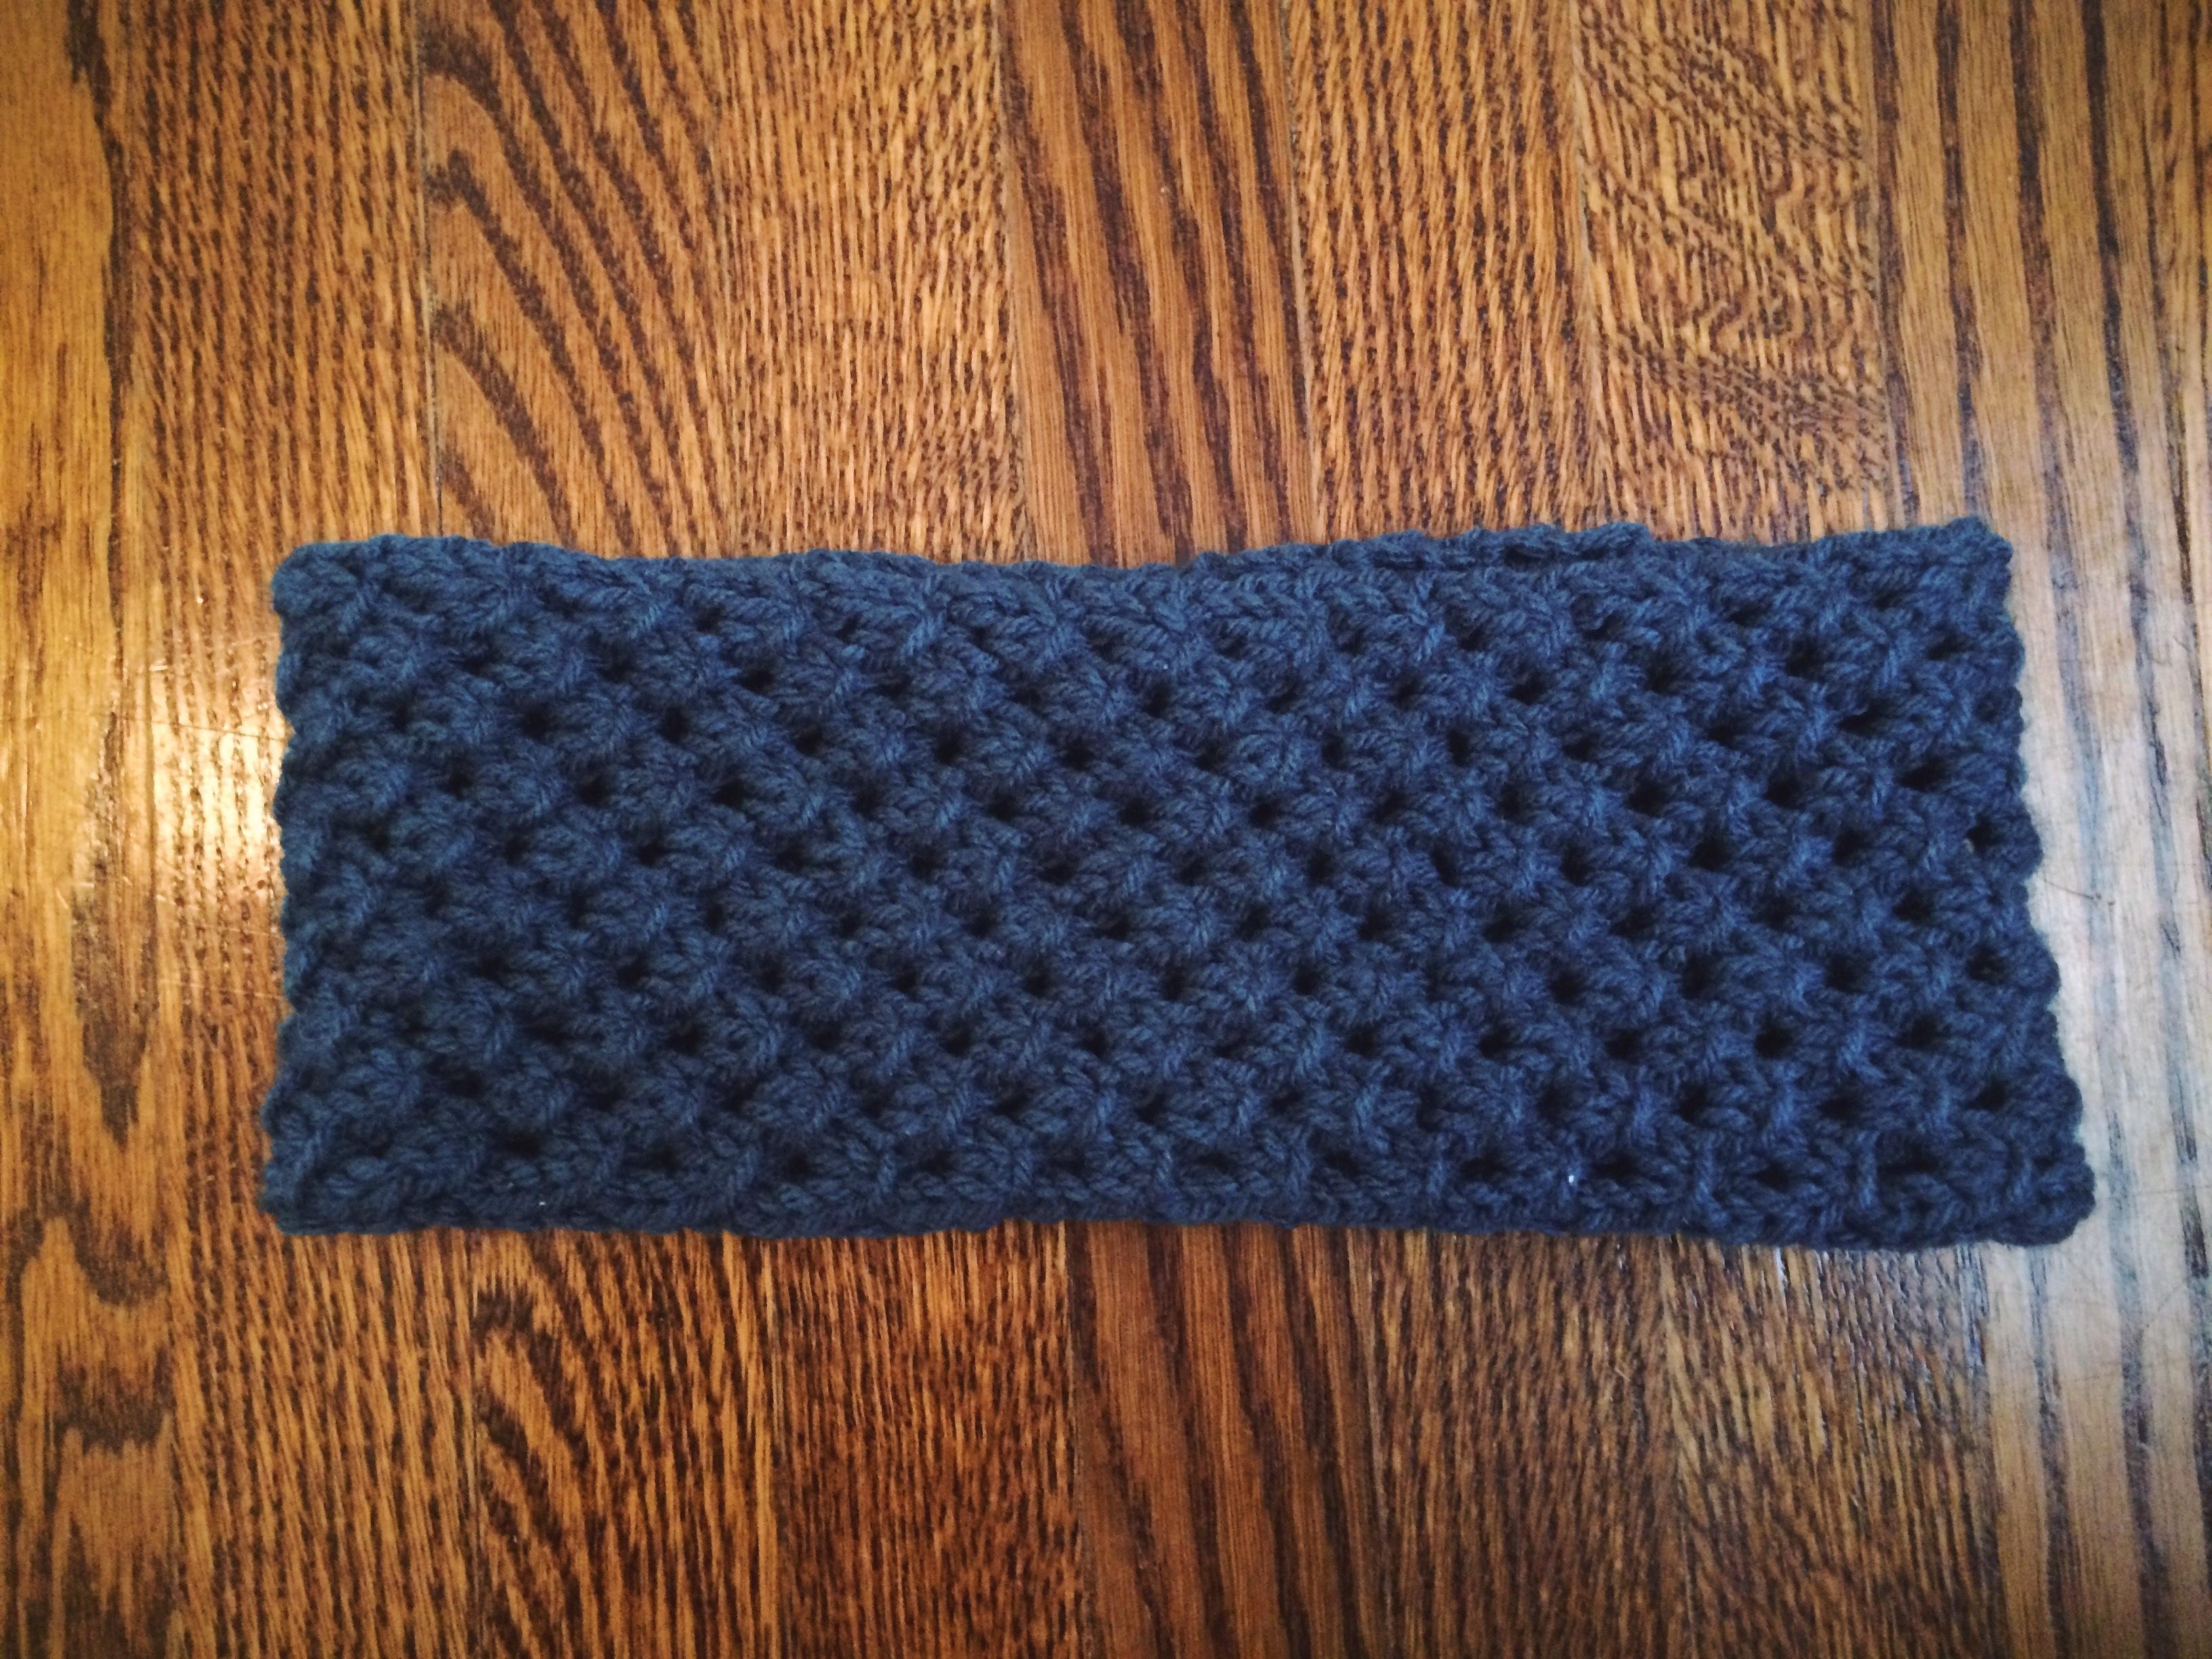 Knit Star Stitch Headband Yarn Things Etc